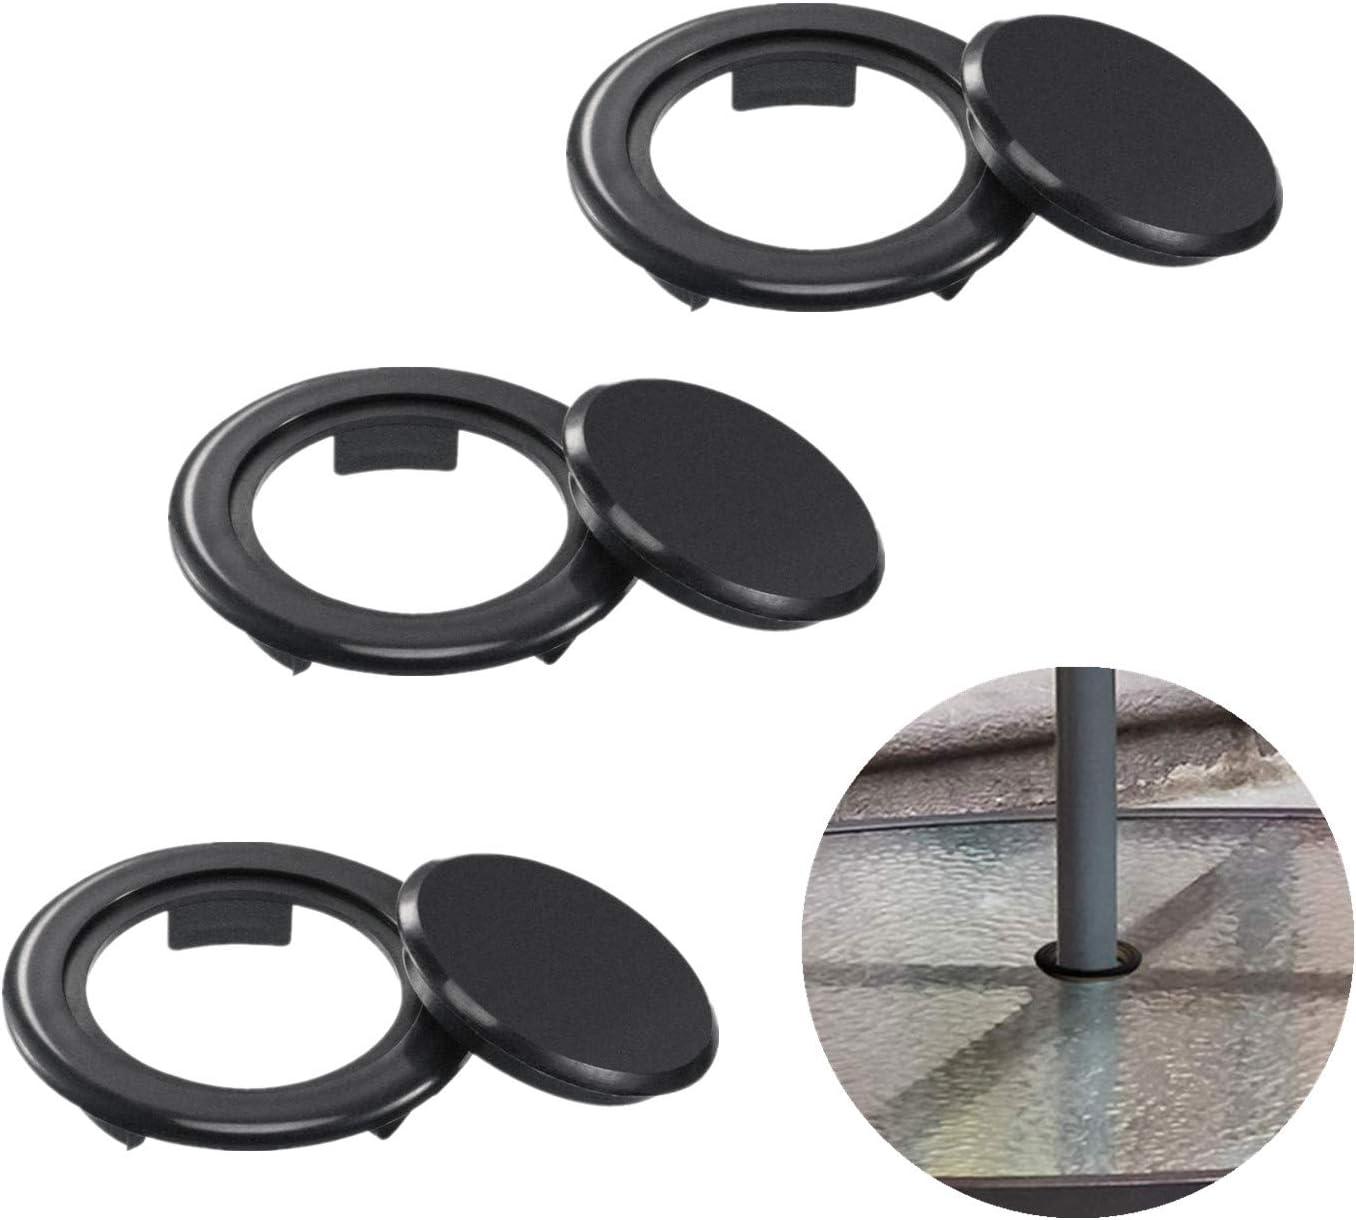 FCOUIID Tapón de agujero para mesa de patio de 5 cm y anillo para mesa de cristal al aire libre, evita que el paraguas se balancee y rompa la mesa de cristal, negro (3 piezas)